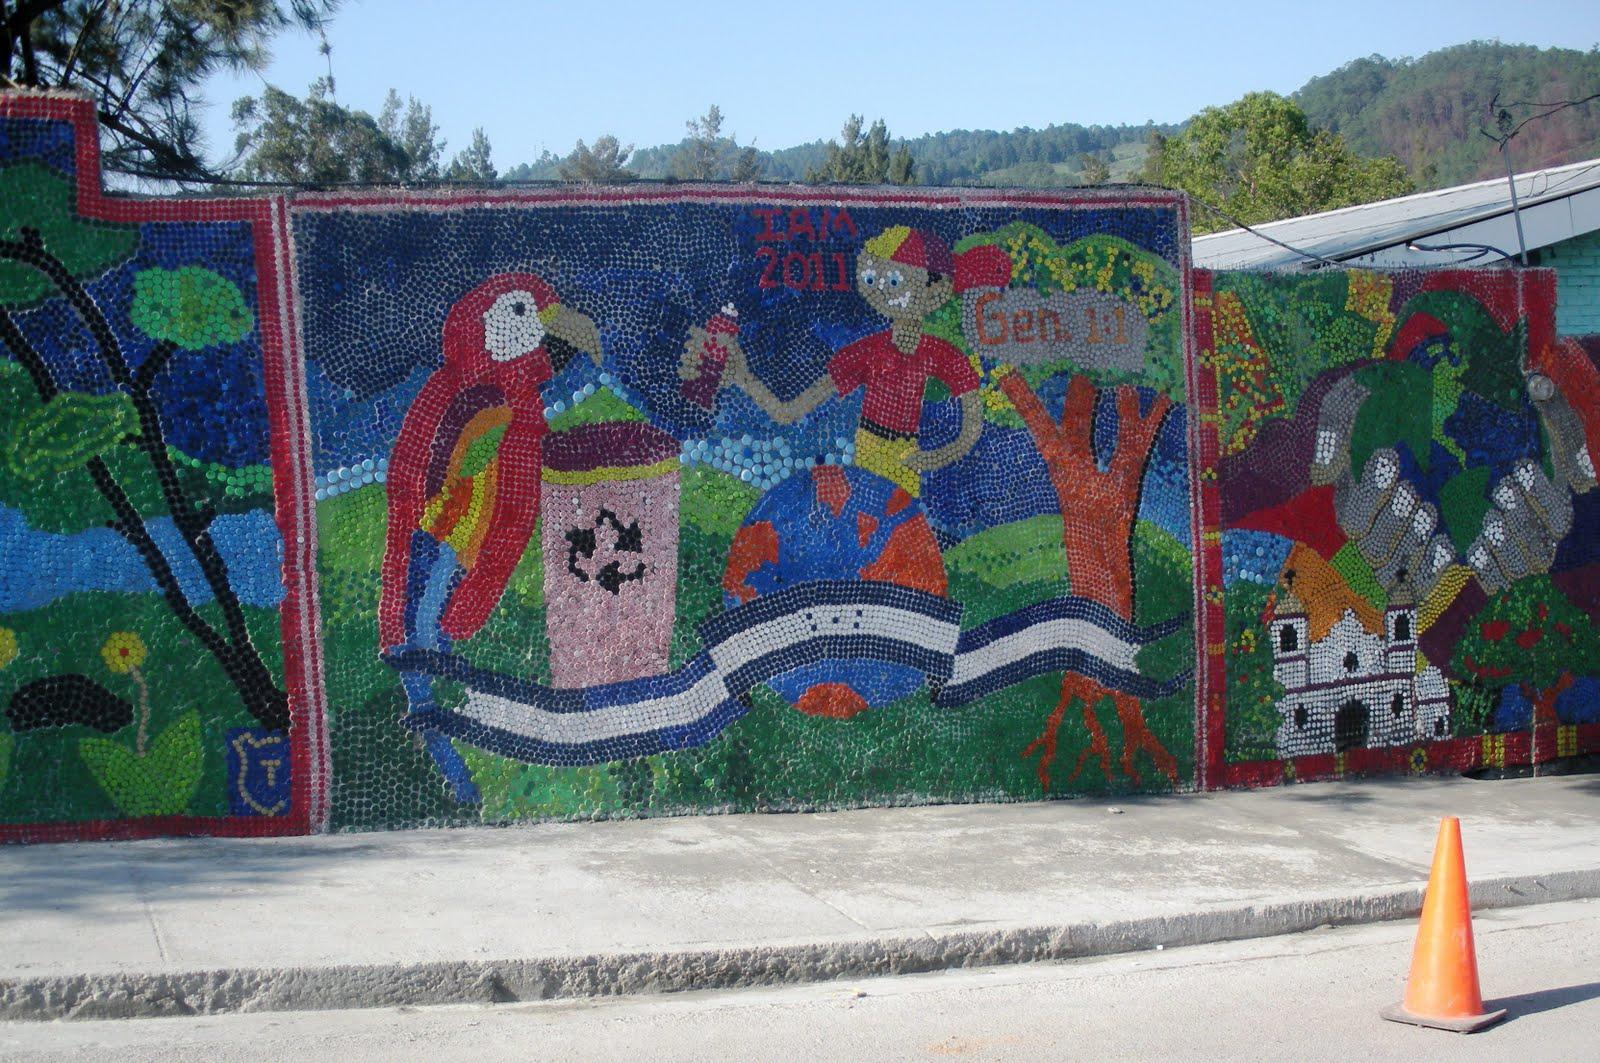 Travelling ian 05 06 11 12 06 11 for Bottle cap mural tutorial